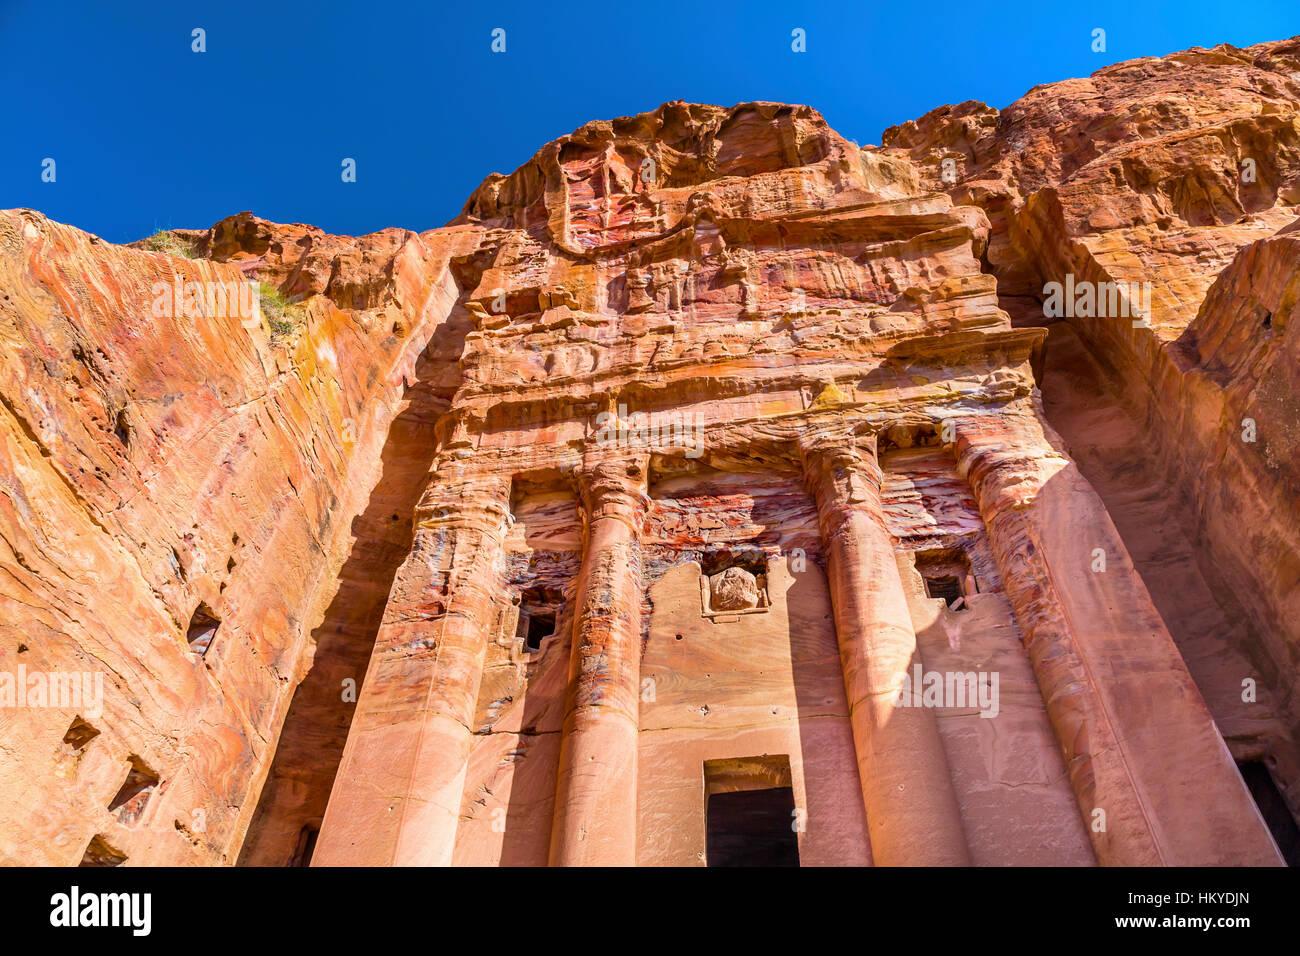 Königliche Felsengrab Arch Petra Jordan.  Von der Nabataens in 200 v. Chr. bis 400 n. Chr. erbaut.  In den Gräbern, Stockfoto